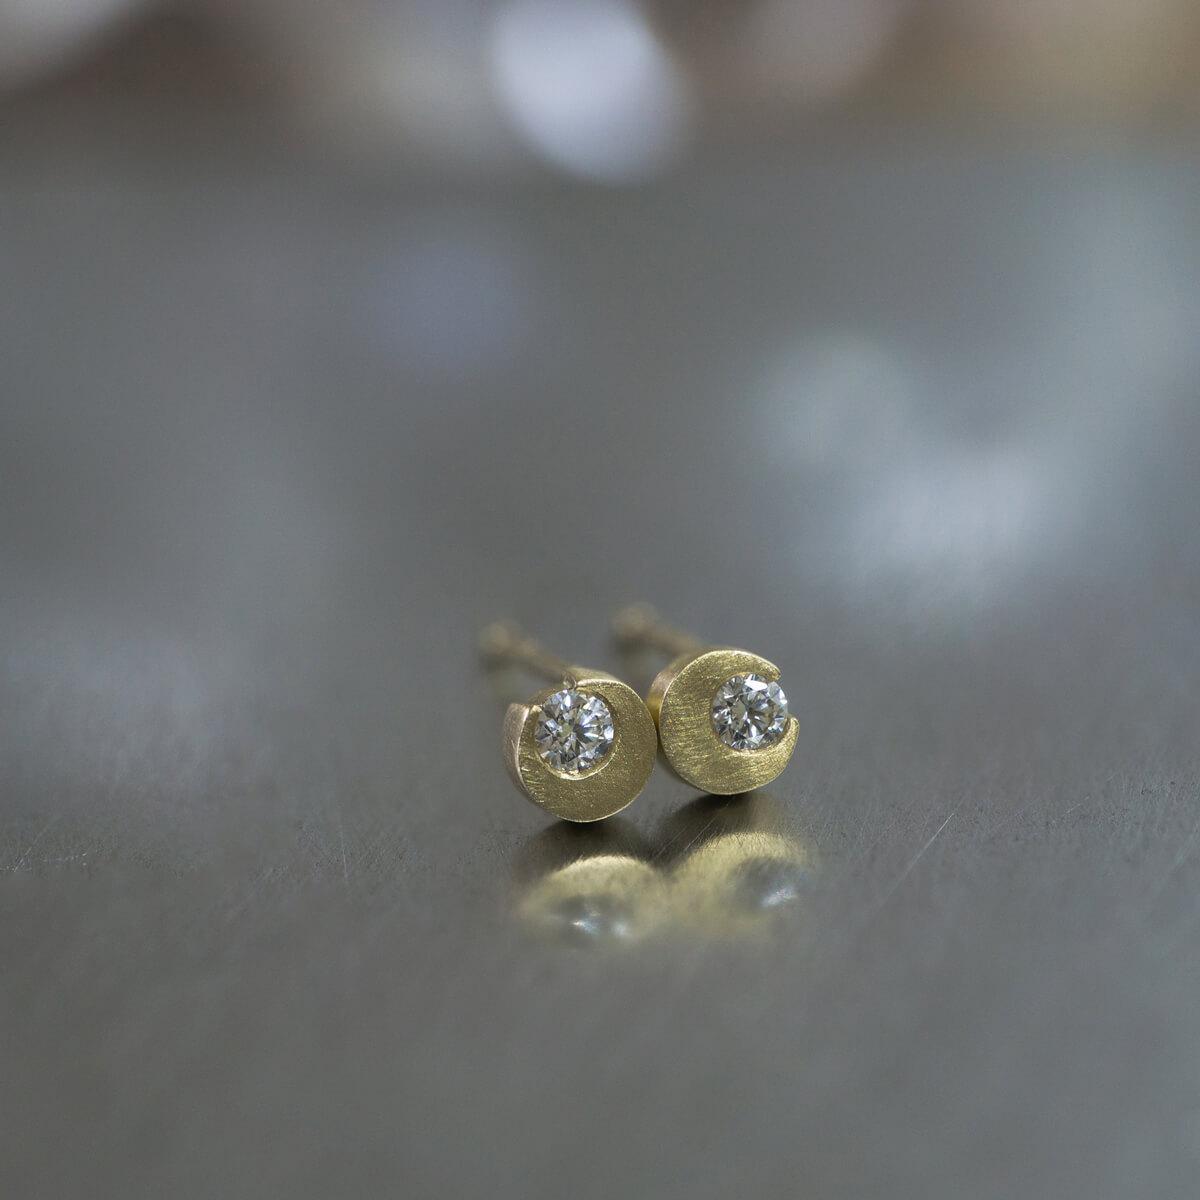 オーダーメイドピアス ジュエリーのアトリエ 屋久島の月モチーフ ダイヤモンド、ゴールド 屋久島でつくるジュエリー